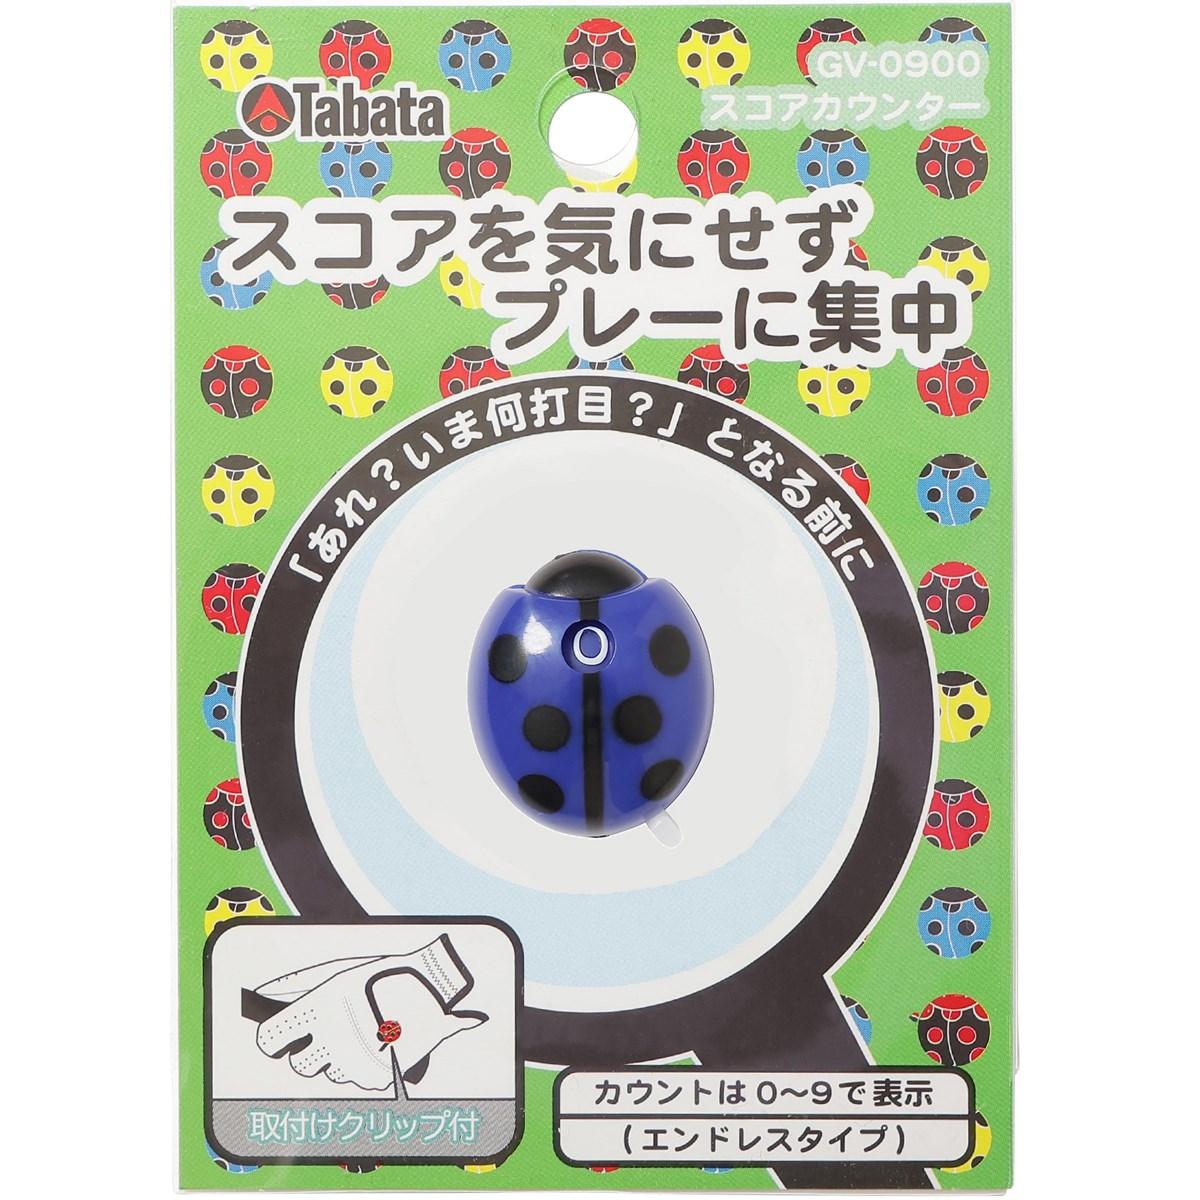 タバタ Tabata スコアカウンター GV-0900 ブルー